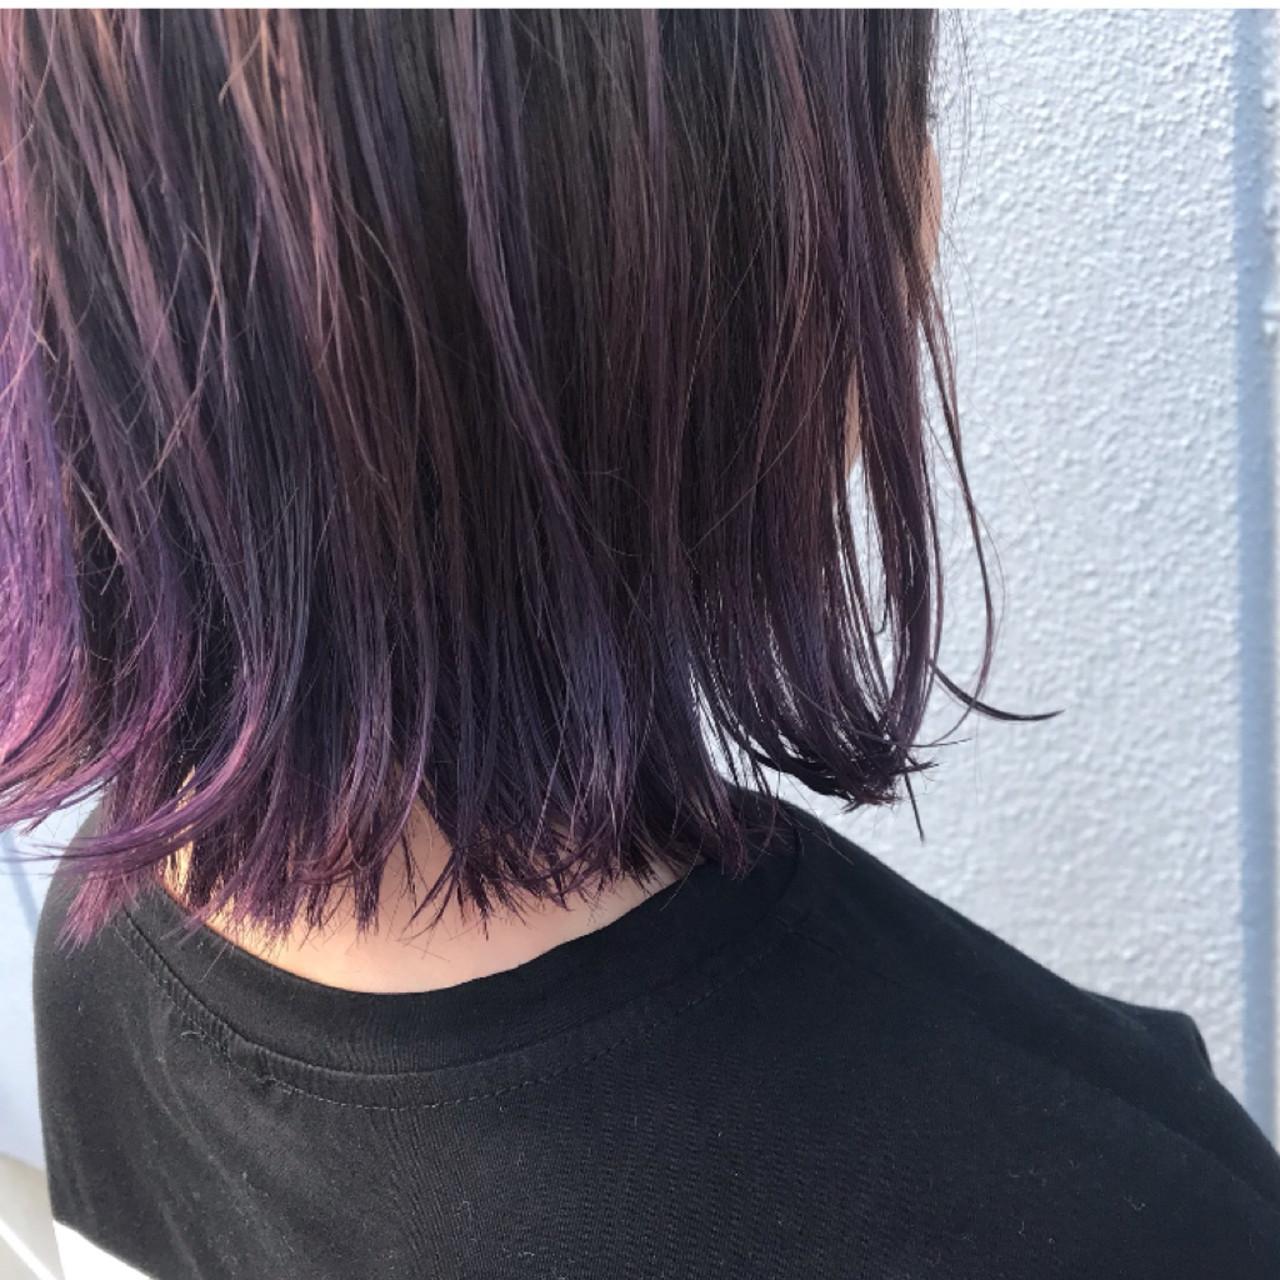 紫 可愛い ボブ お洒落|中津市美容室Lien 平岡和浩 494705【HAIR】